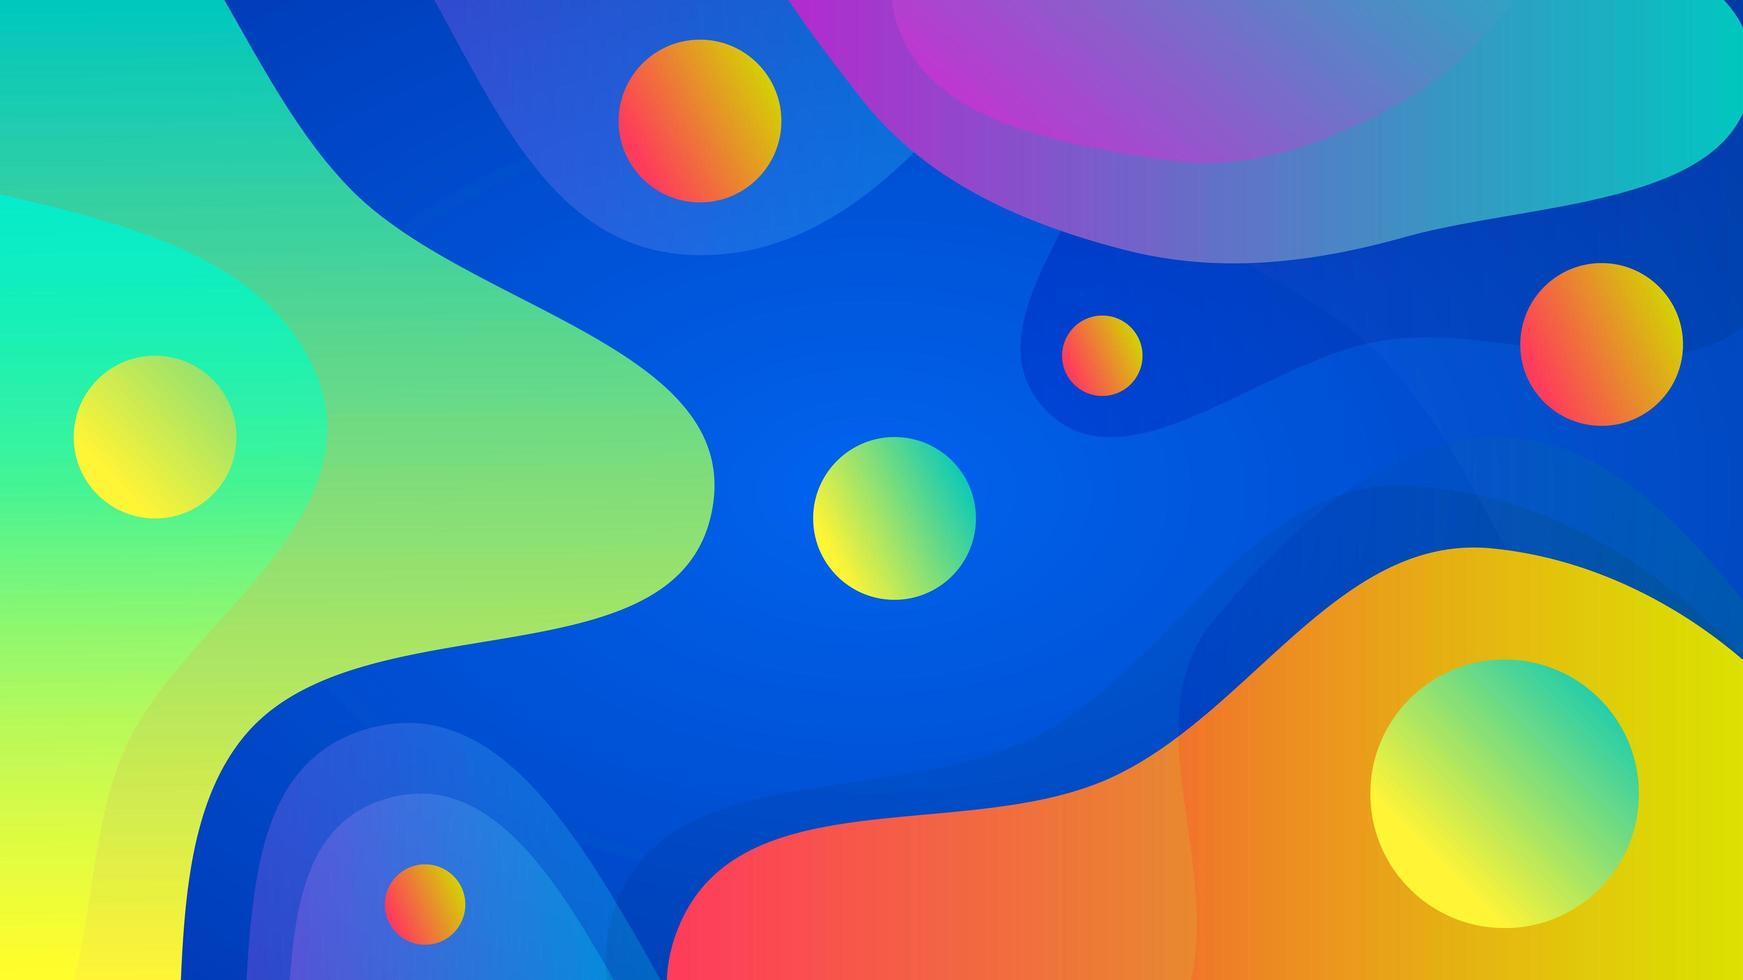 dynamische Farbverlaufszusammensetzung vektor